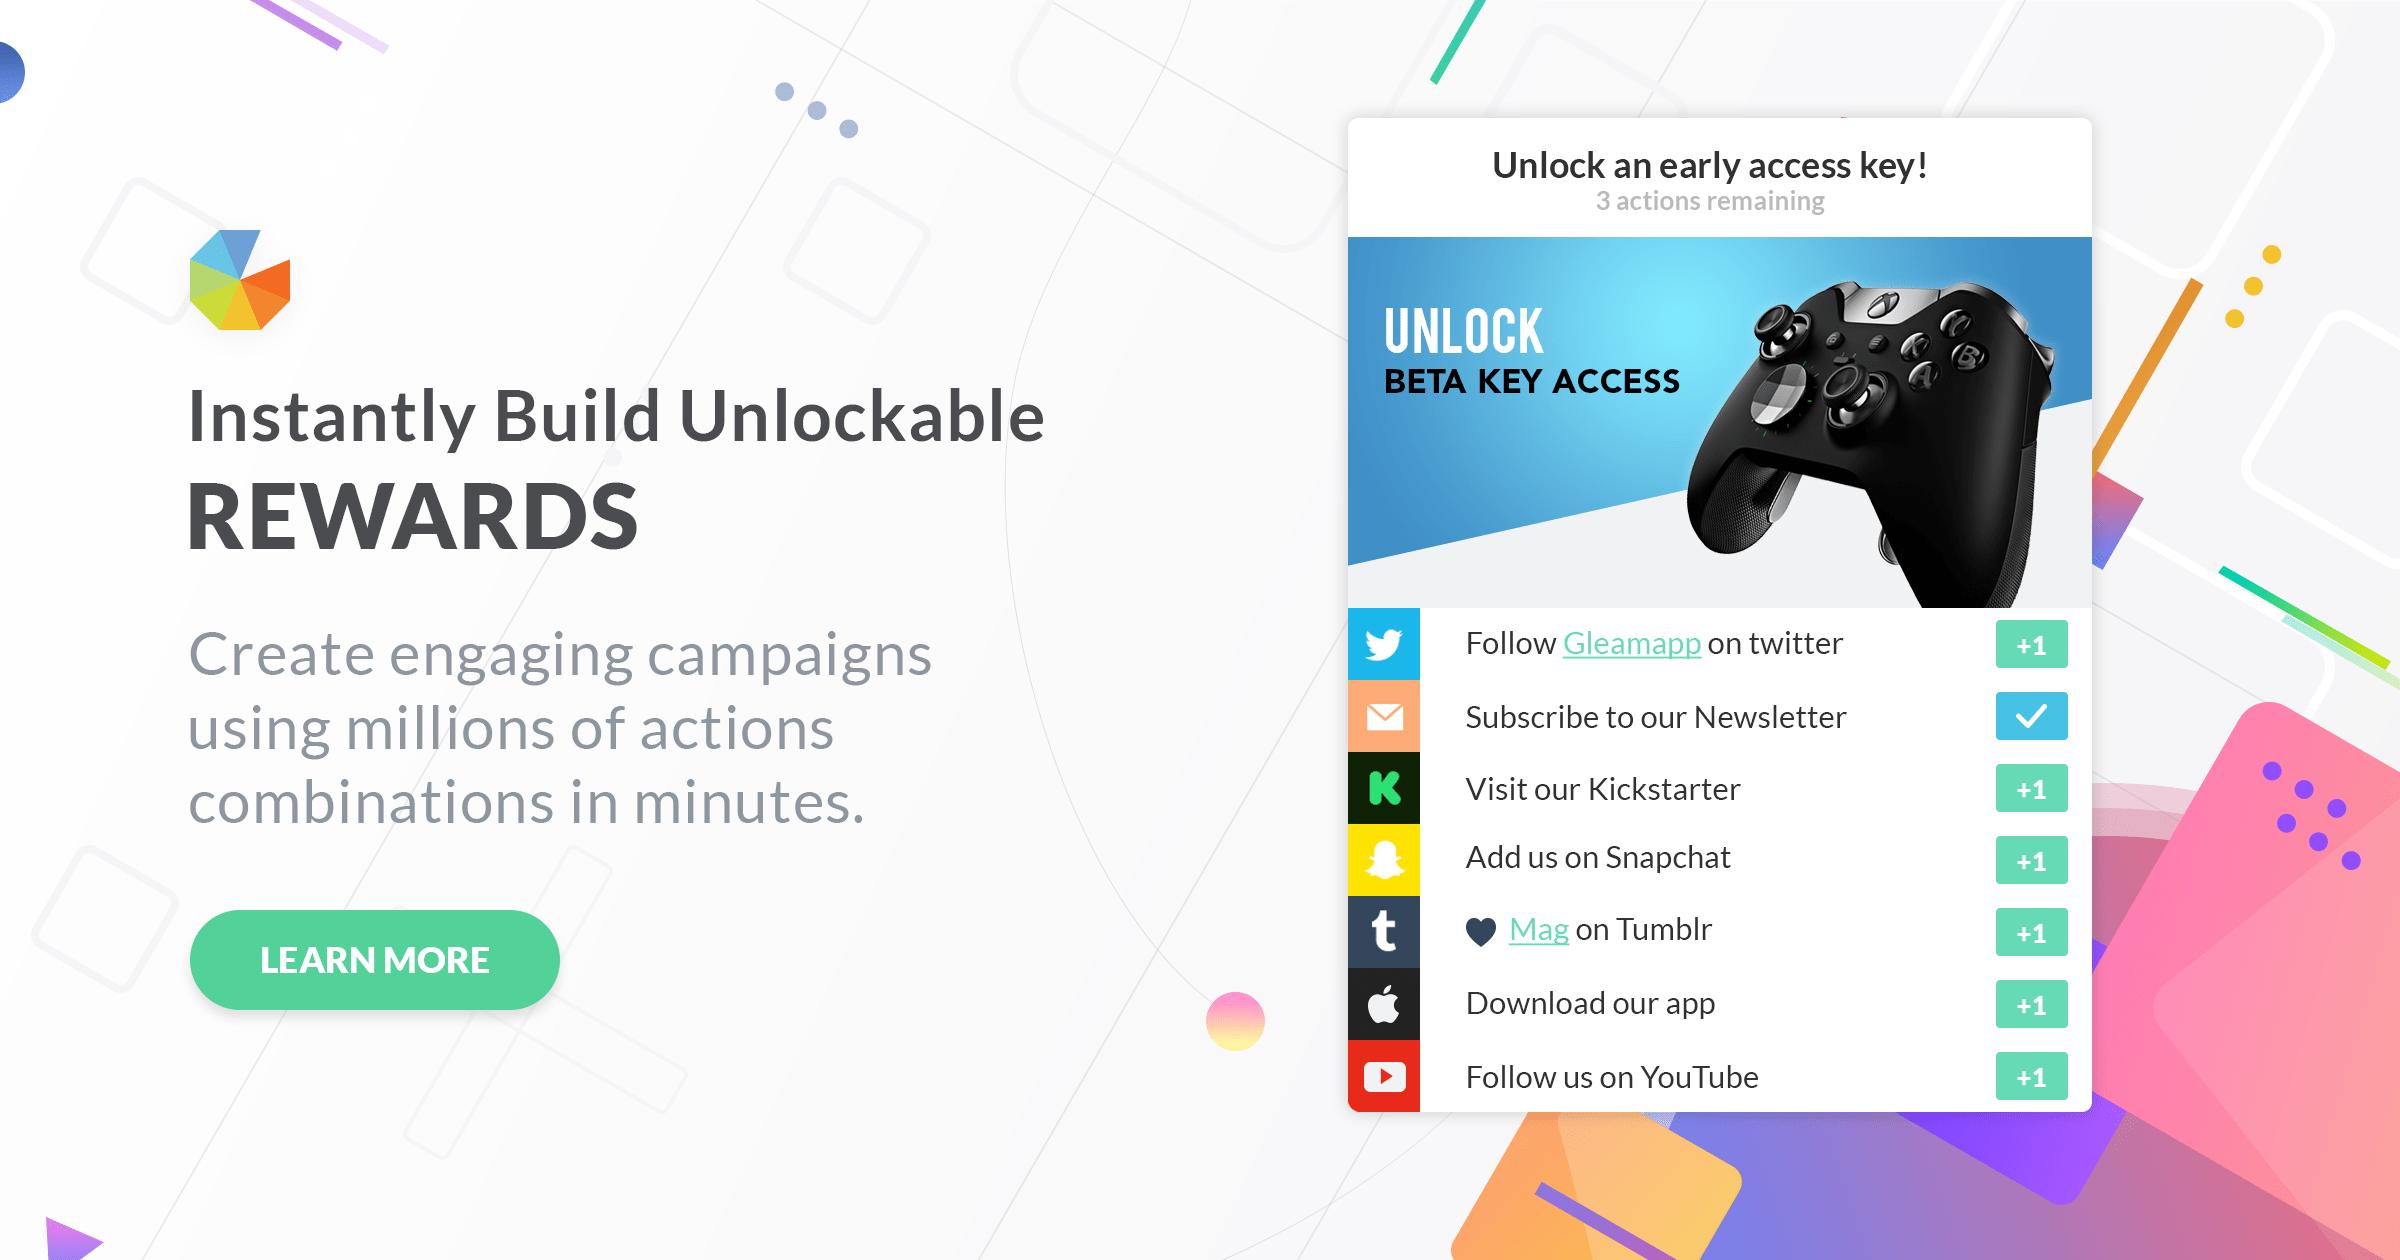 App Download Example